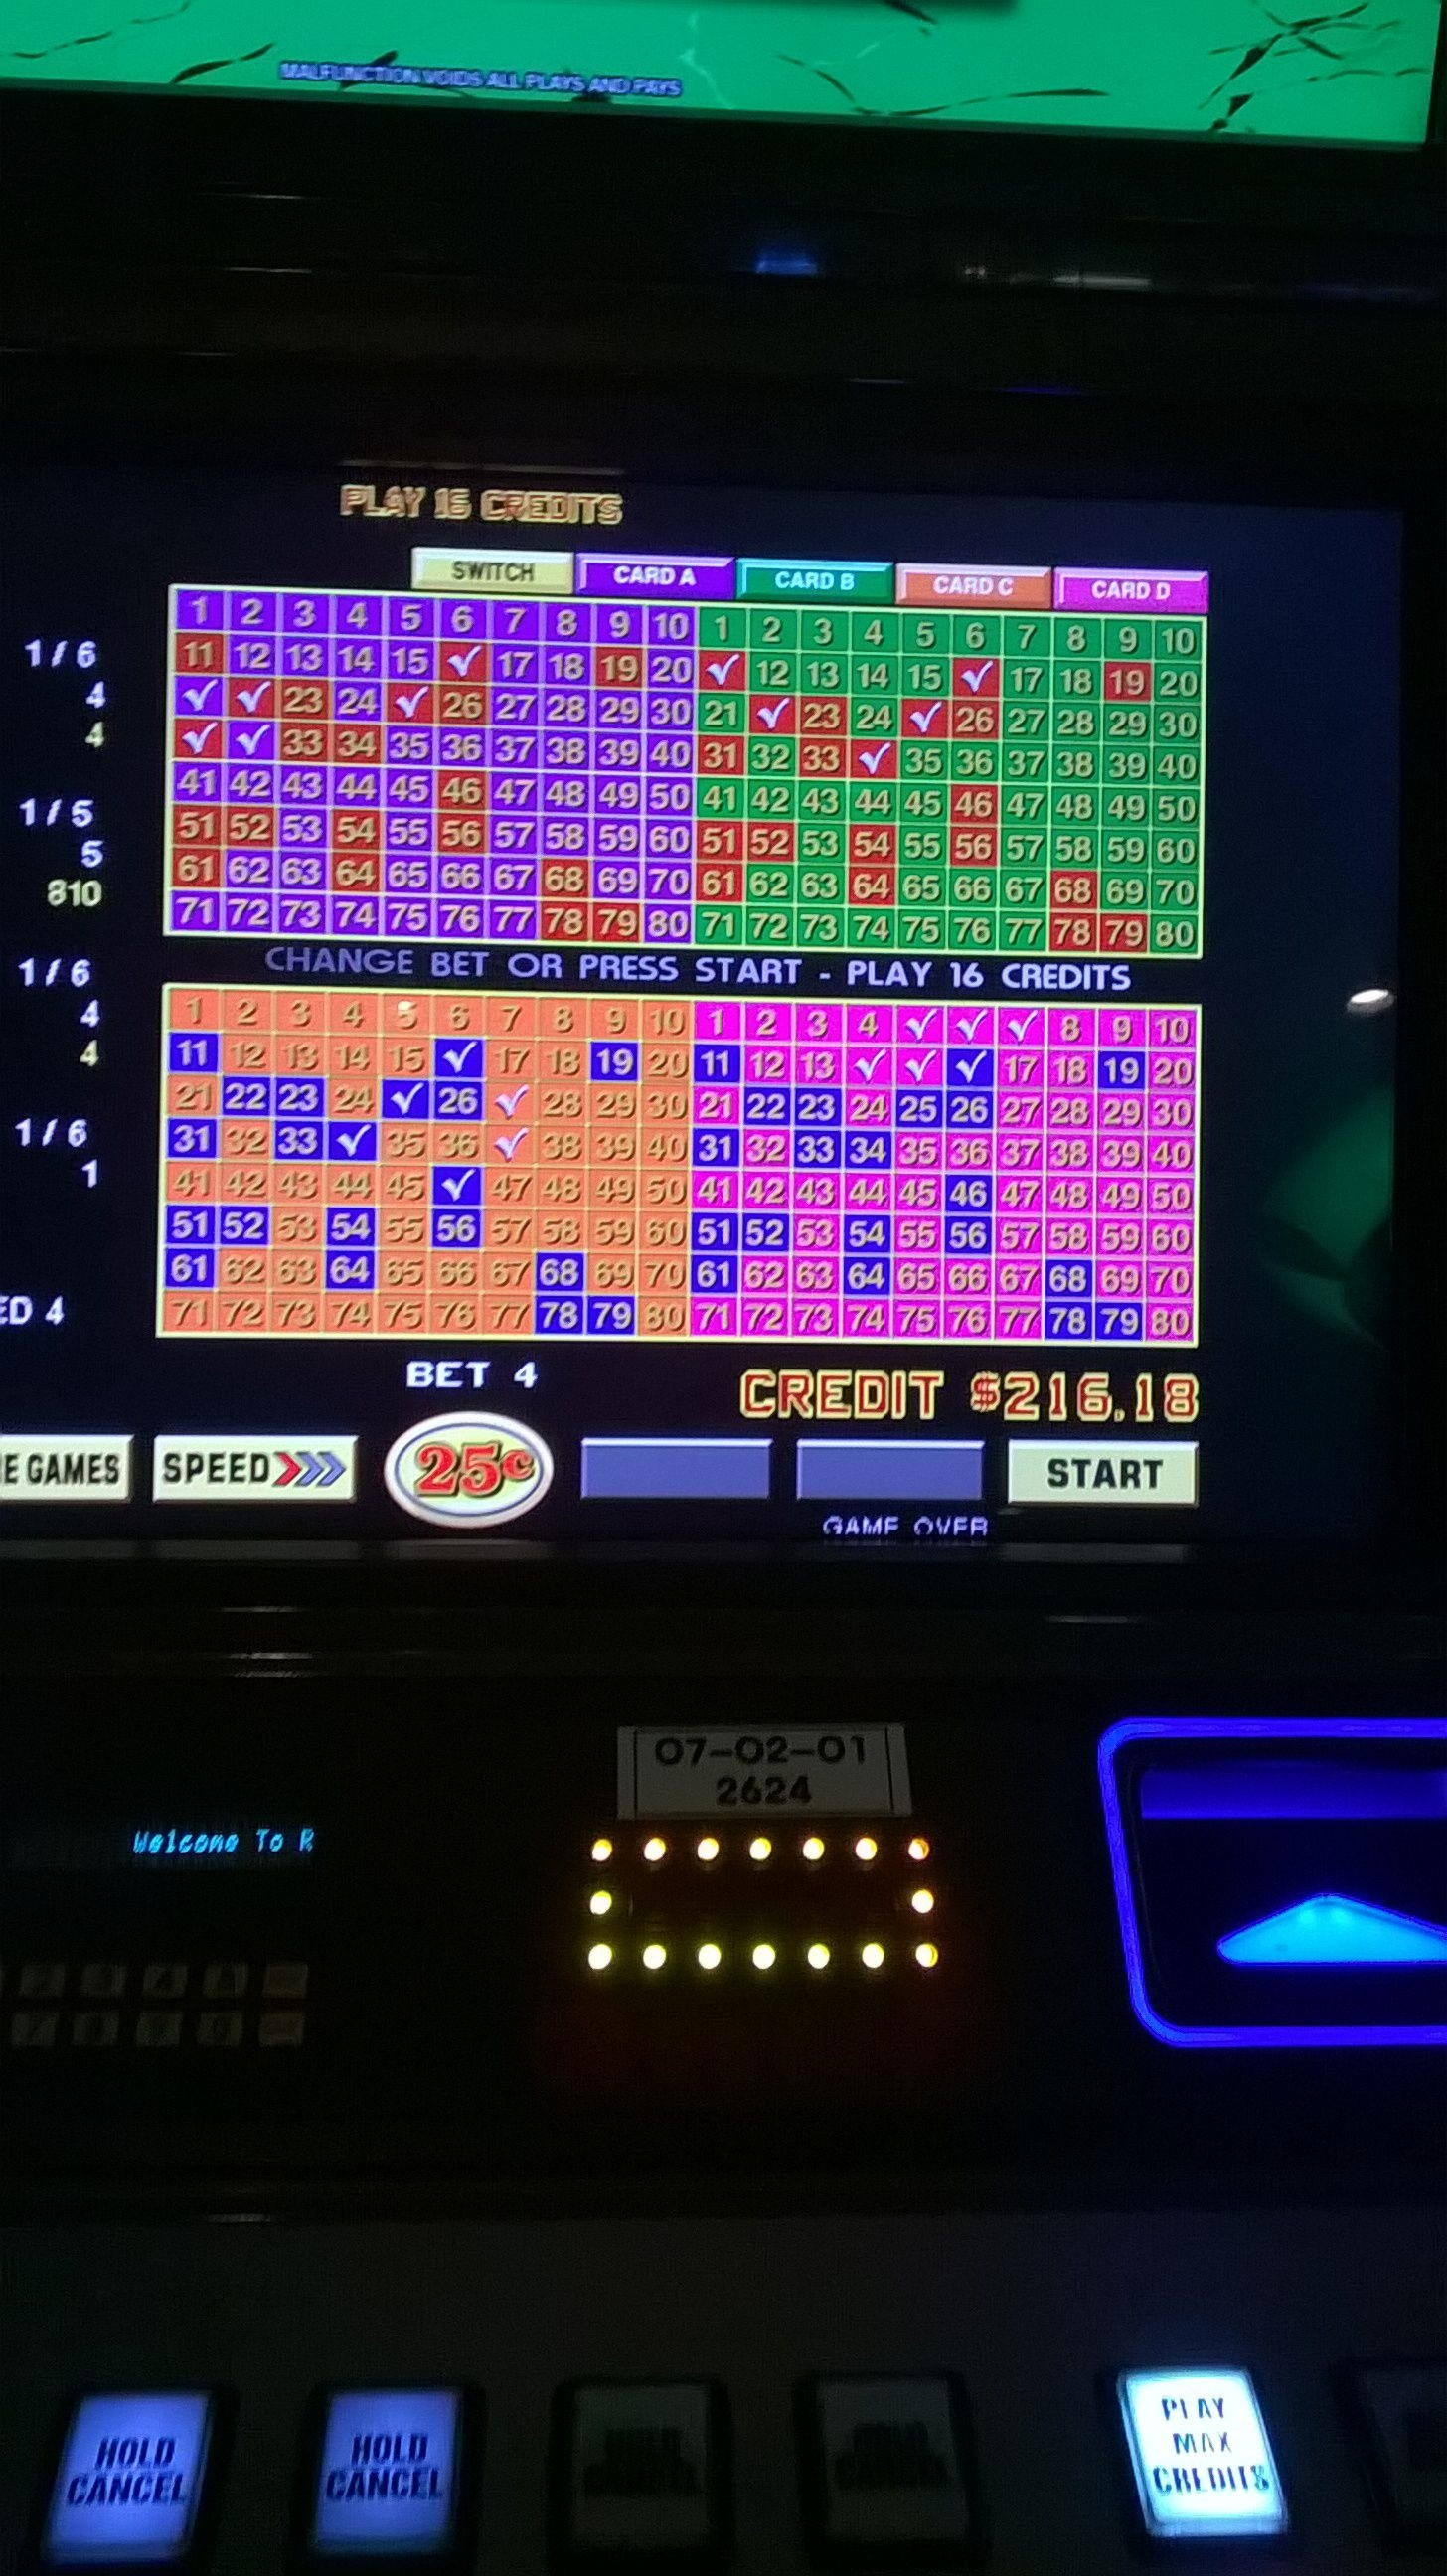 35 Free Casino Red Пинг урала боюнча генийи